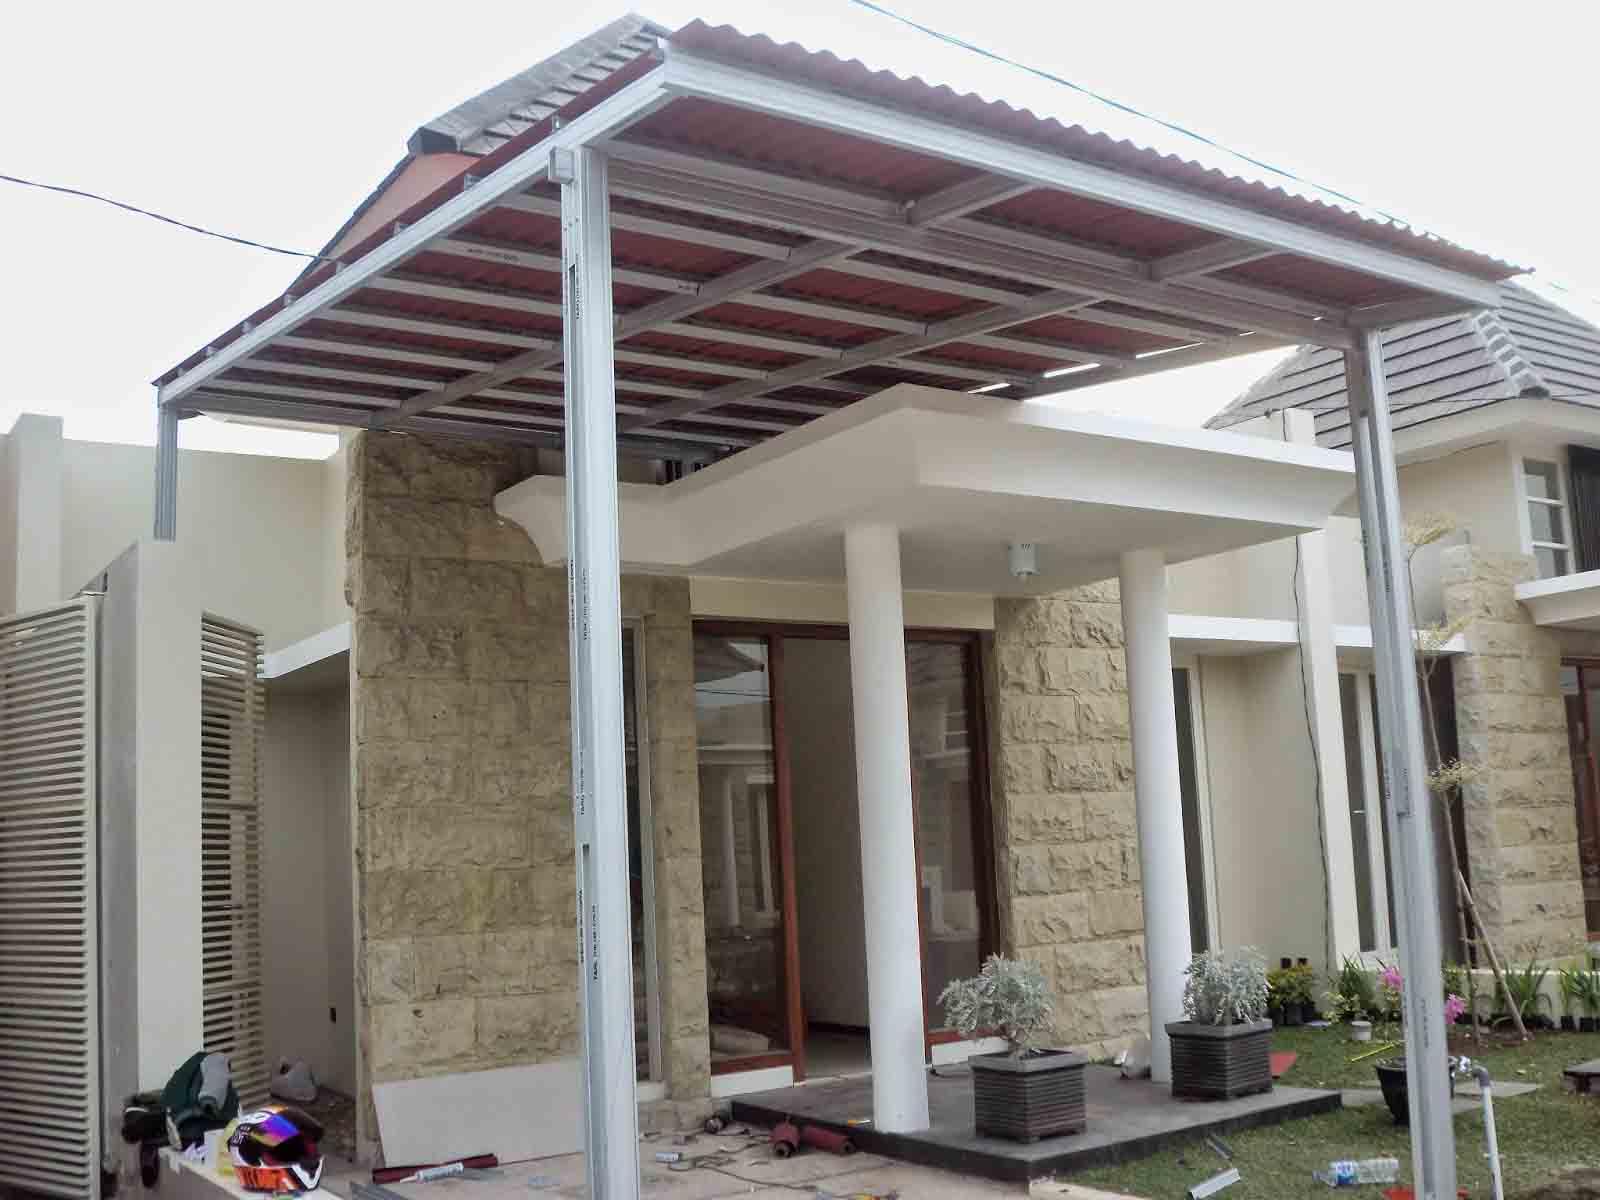 40 Gambar Model Kanopi Rumah Minimalis  Desainrumahnya.com